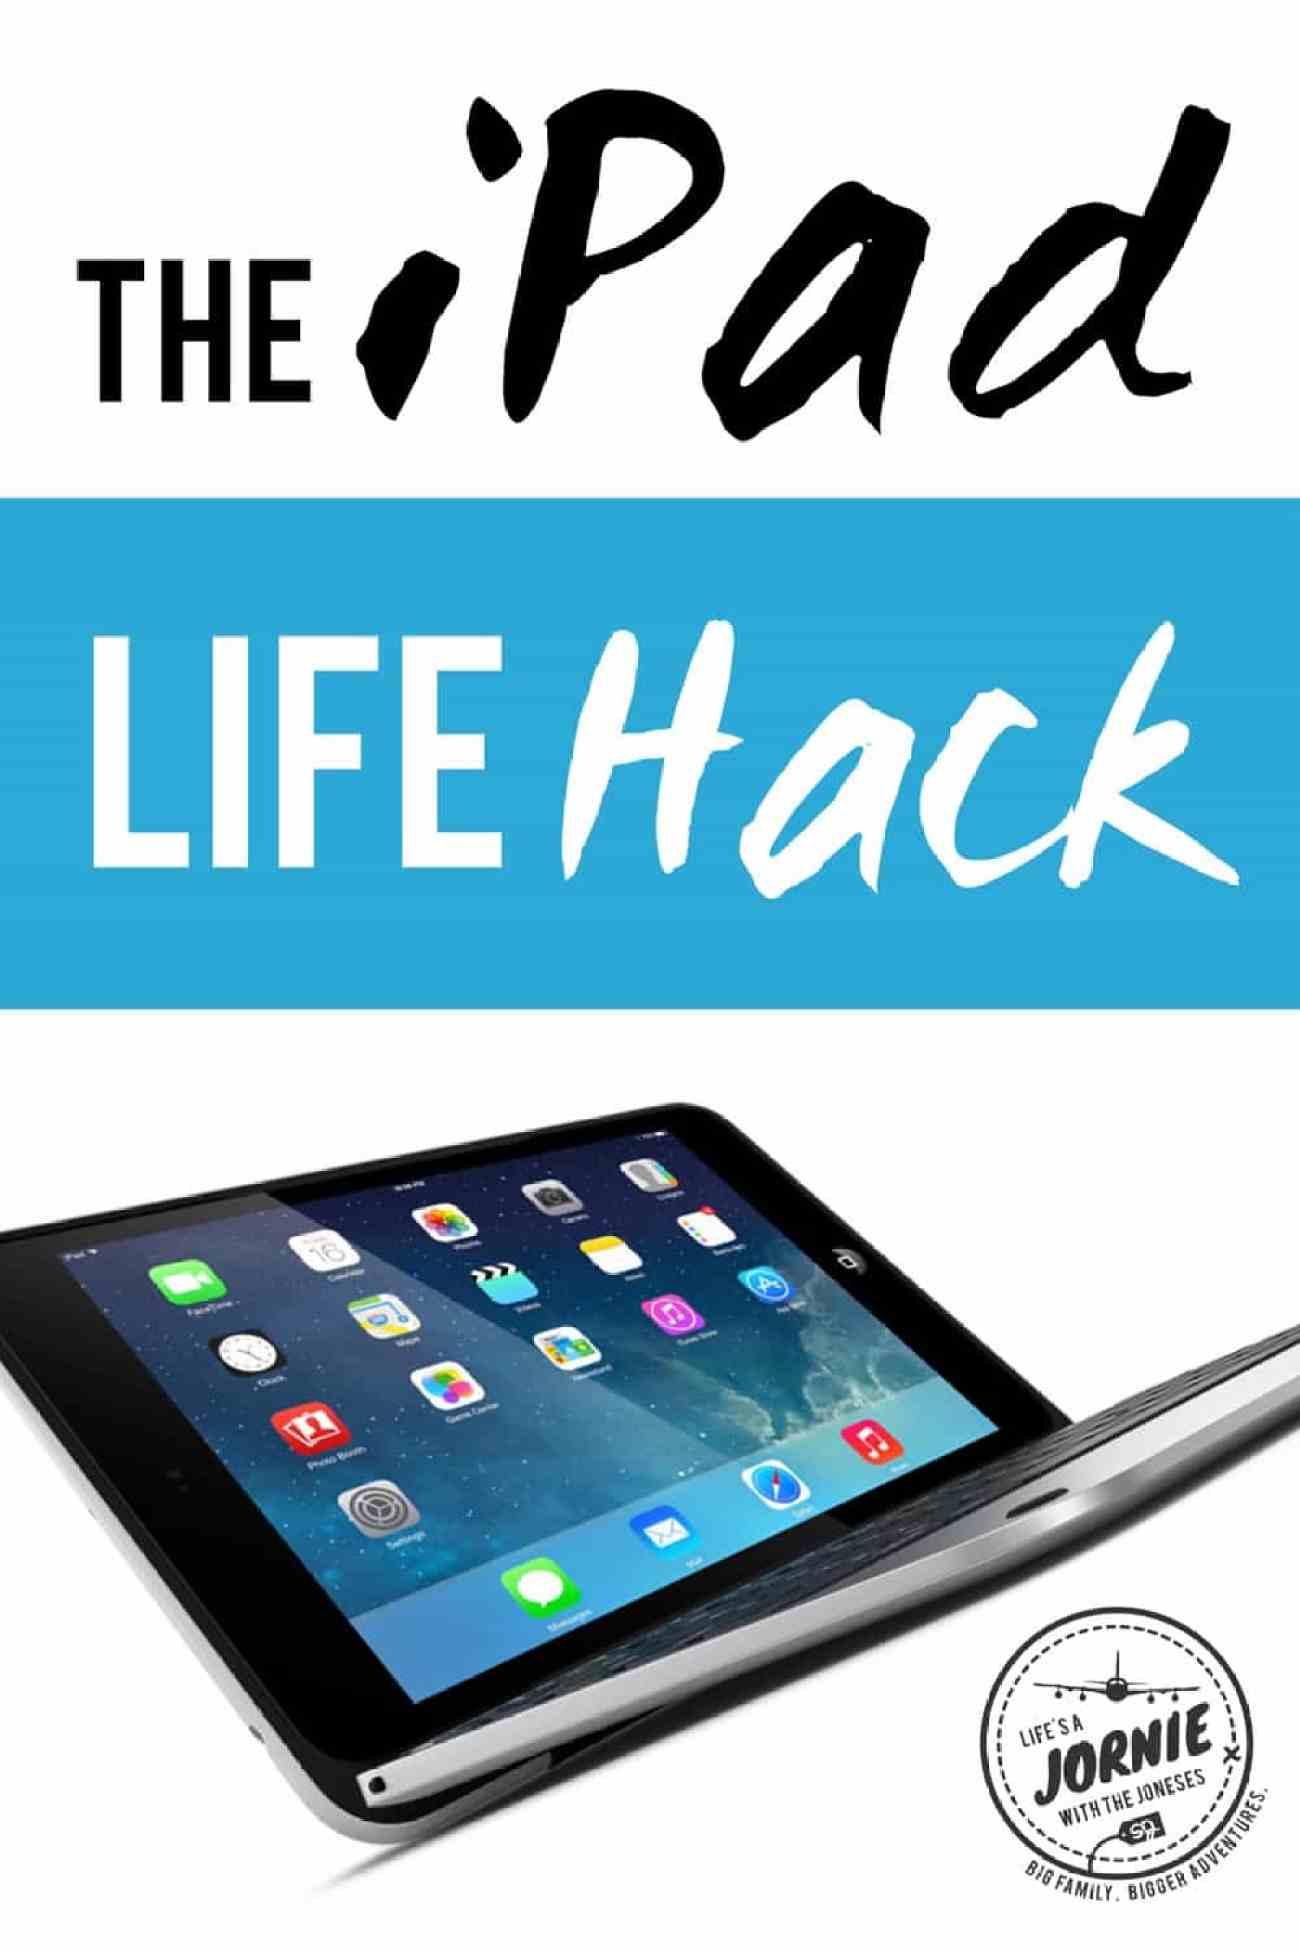 The iPad Life Hack